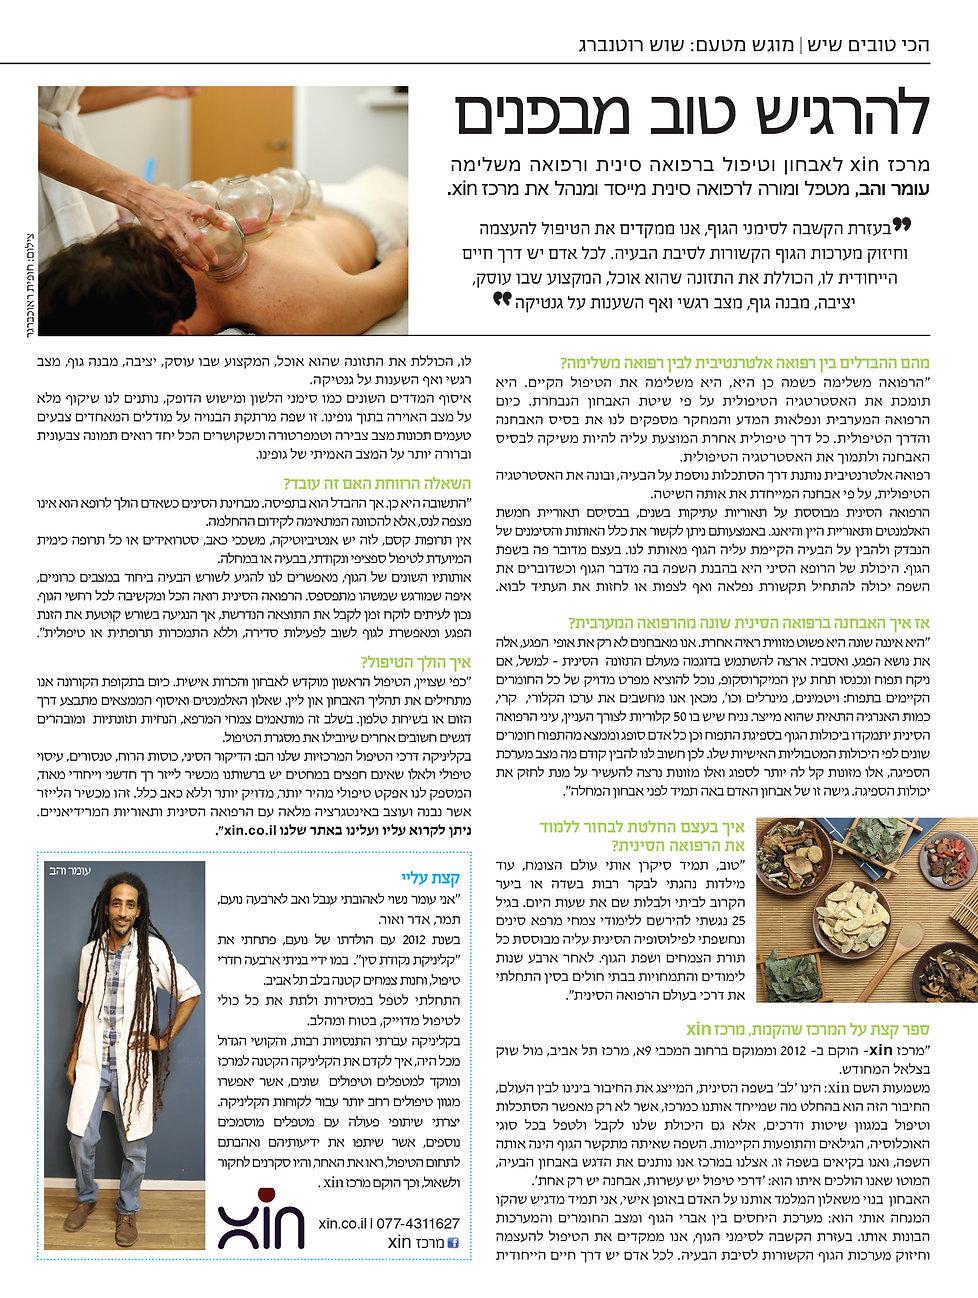 עומר לפייסבוק כתבה מגזין מנטה (2).jpg